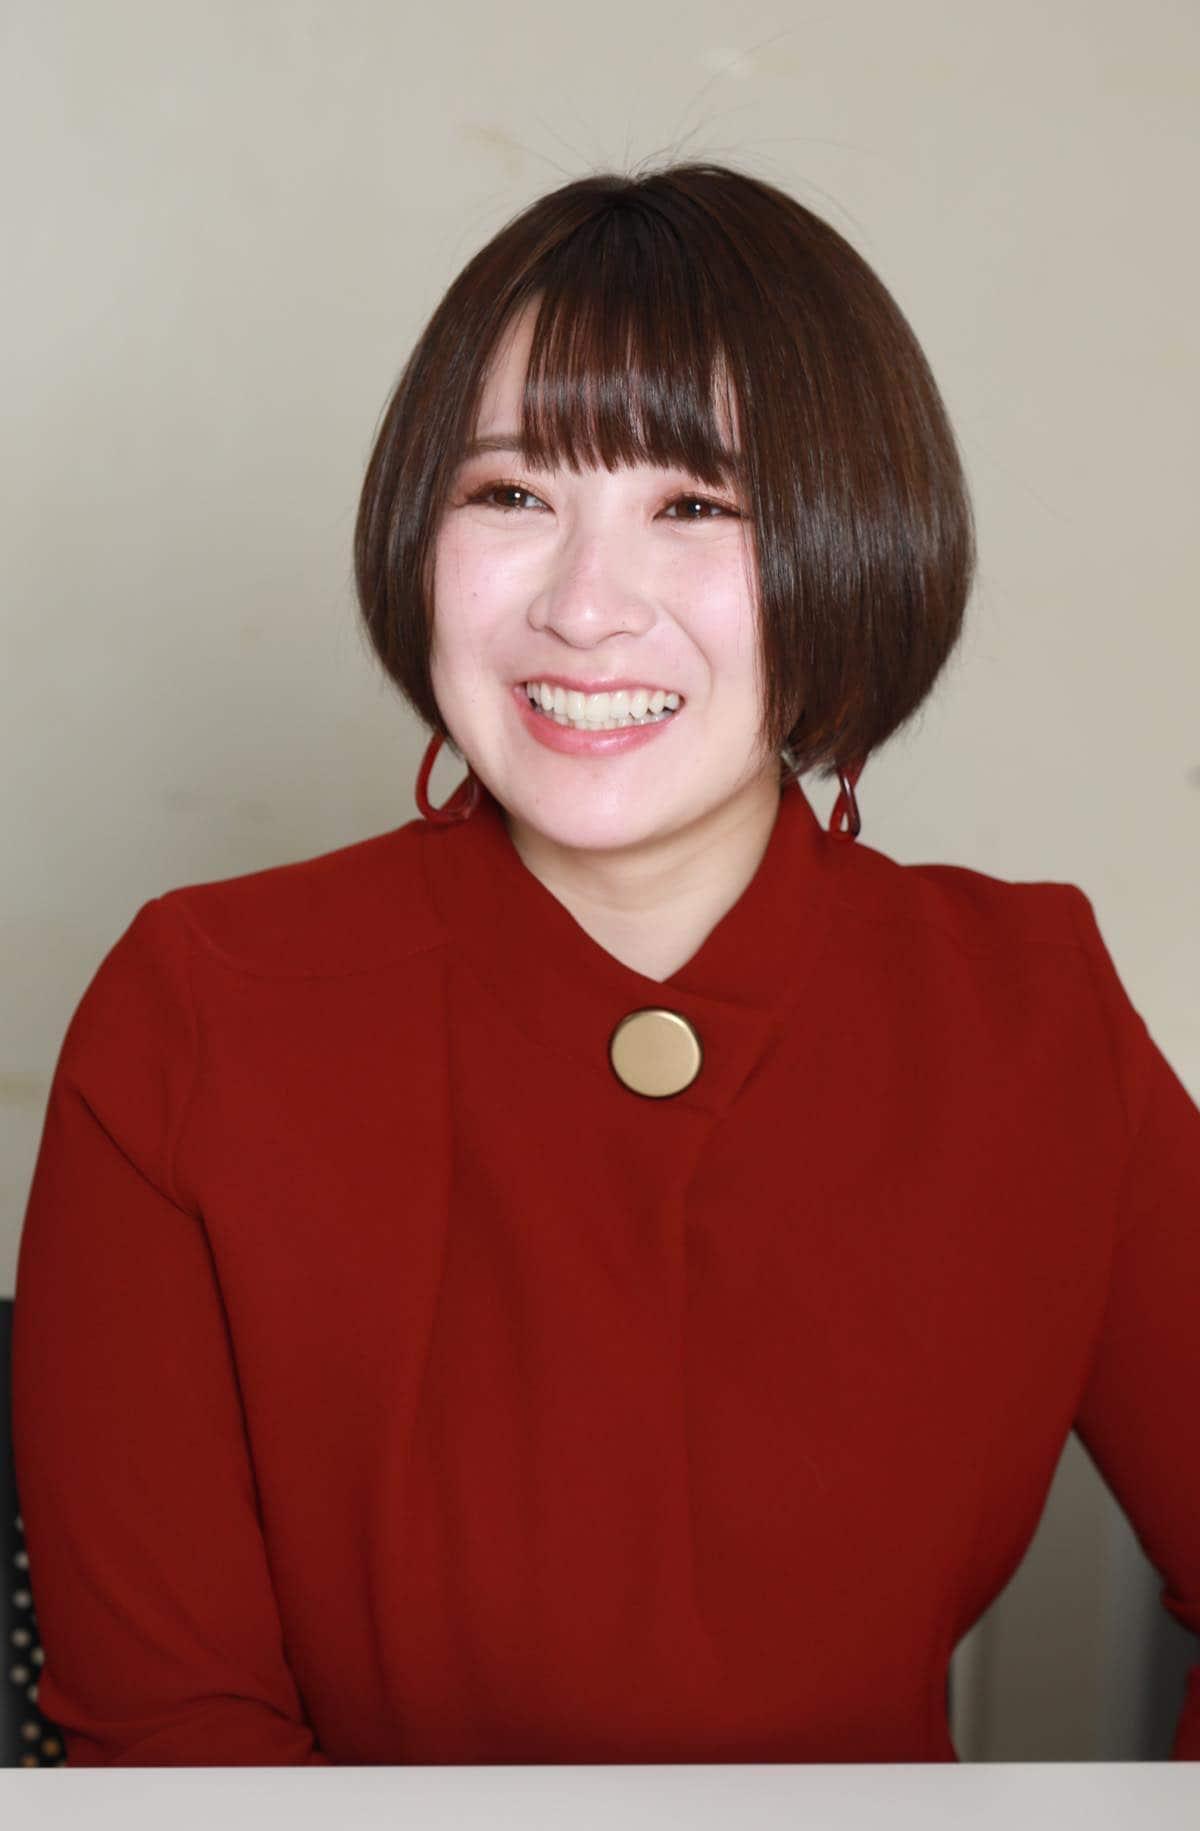 「105cmバスト」紺野栞の画像15